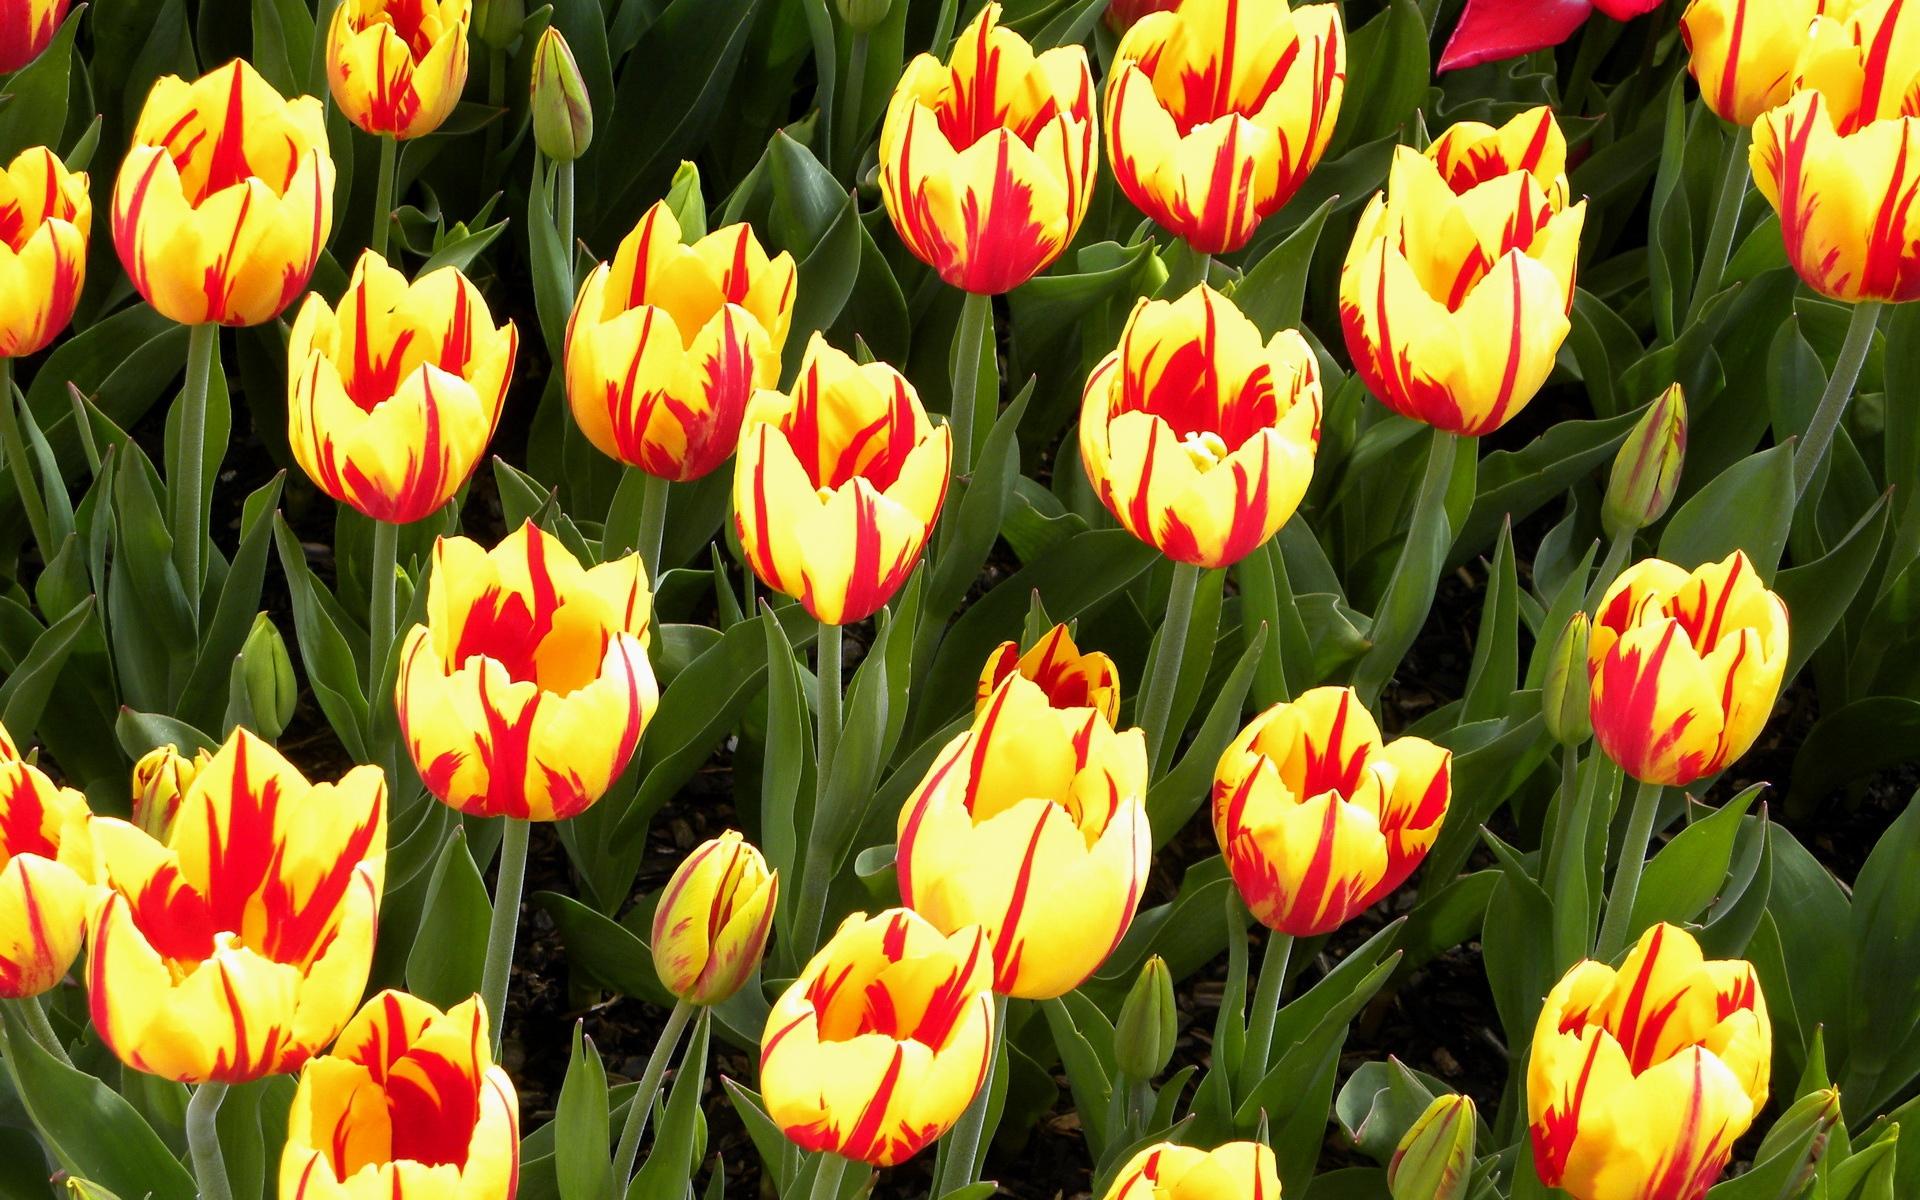 О раннем и пышном цветении тюльпанов по весне следует позаботиться ещё в осеннее время года